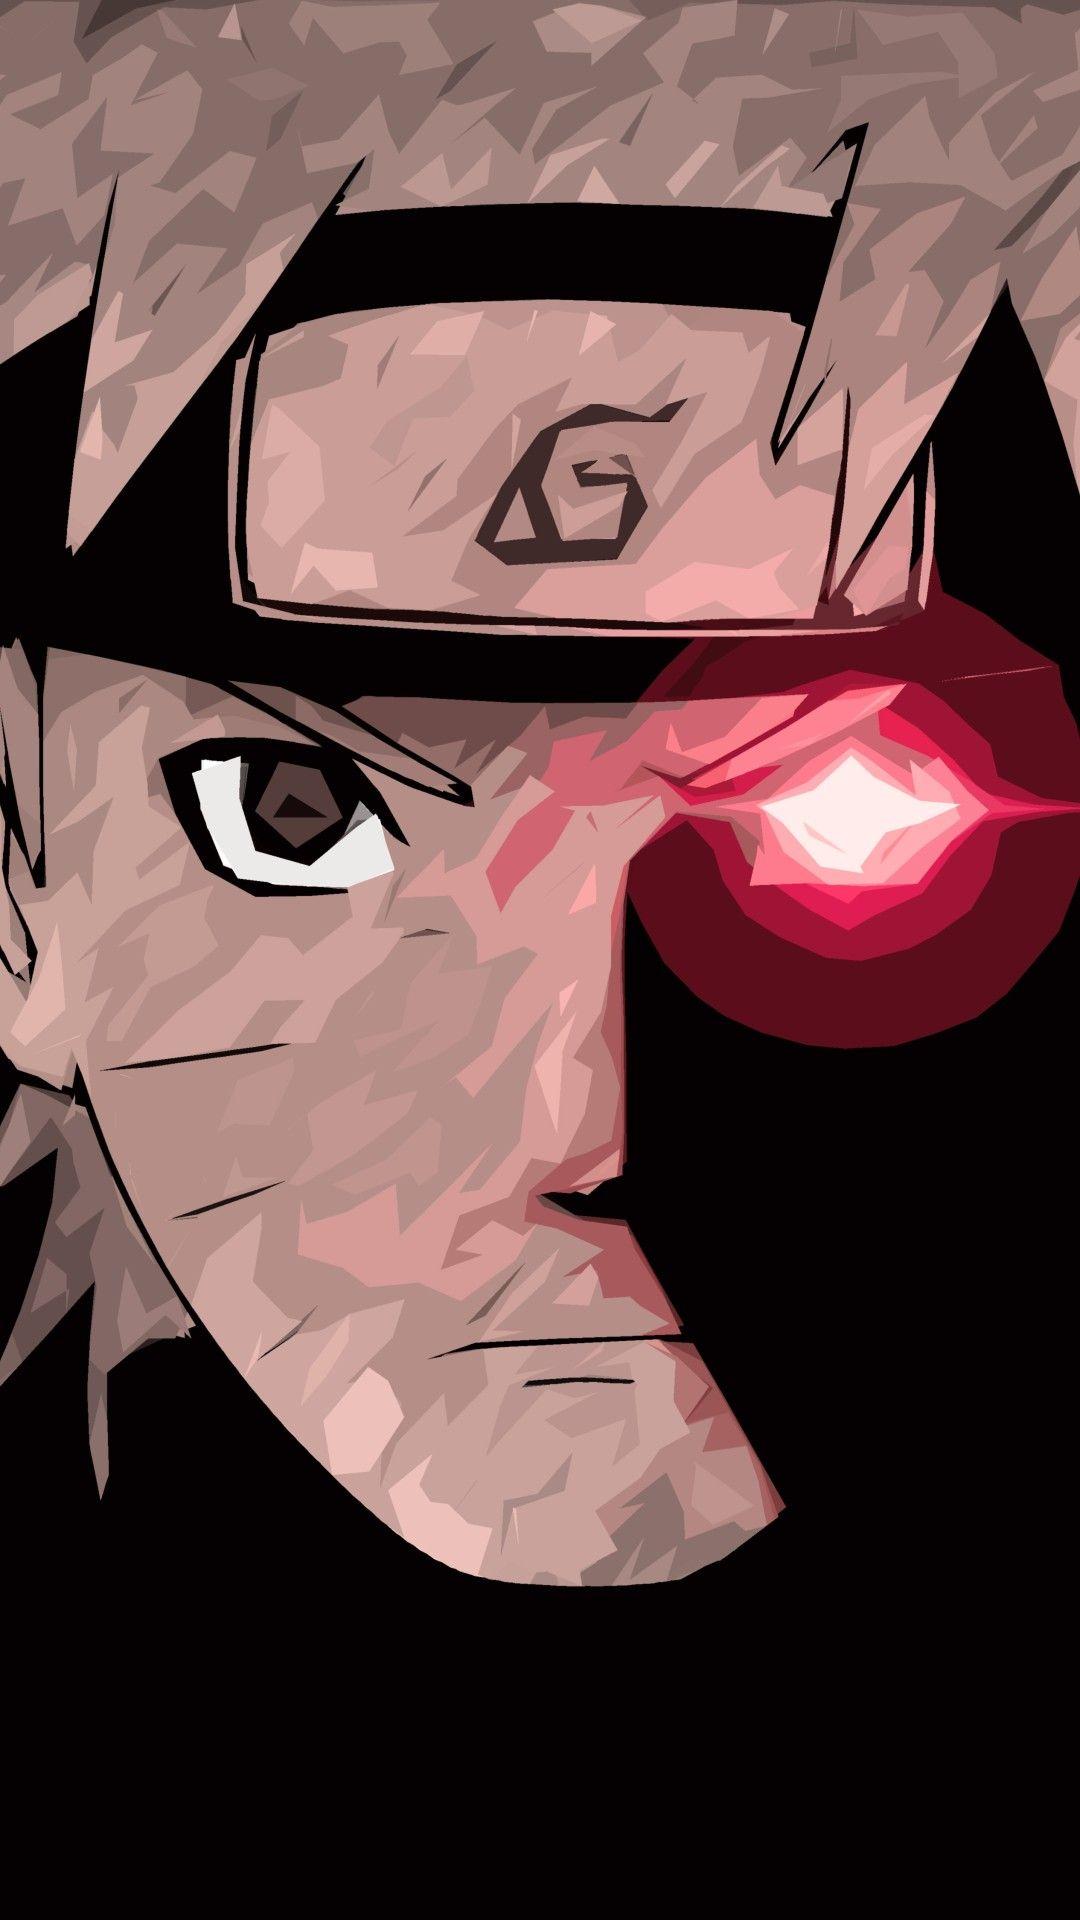 80+ Gambar Naruto Full Hd Kekinian